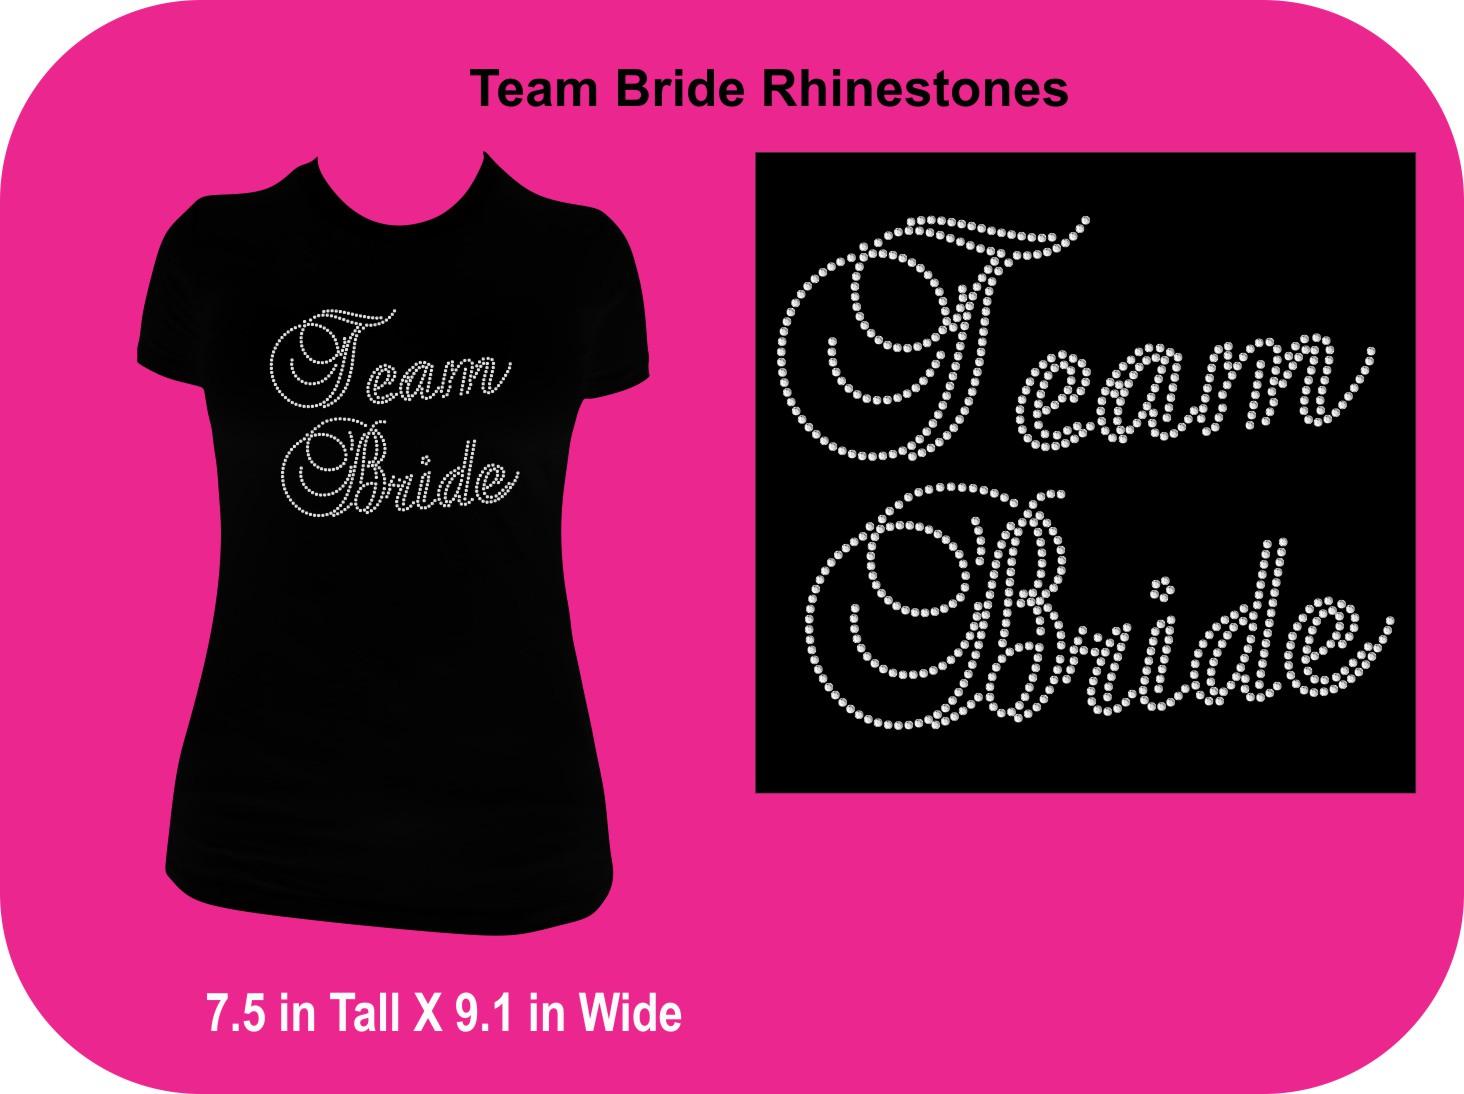 Team Bride in Rhinestones